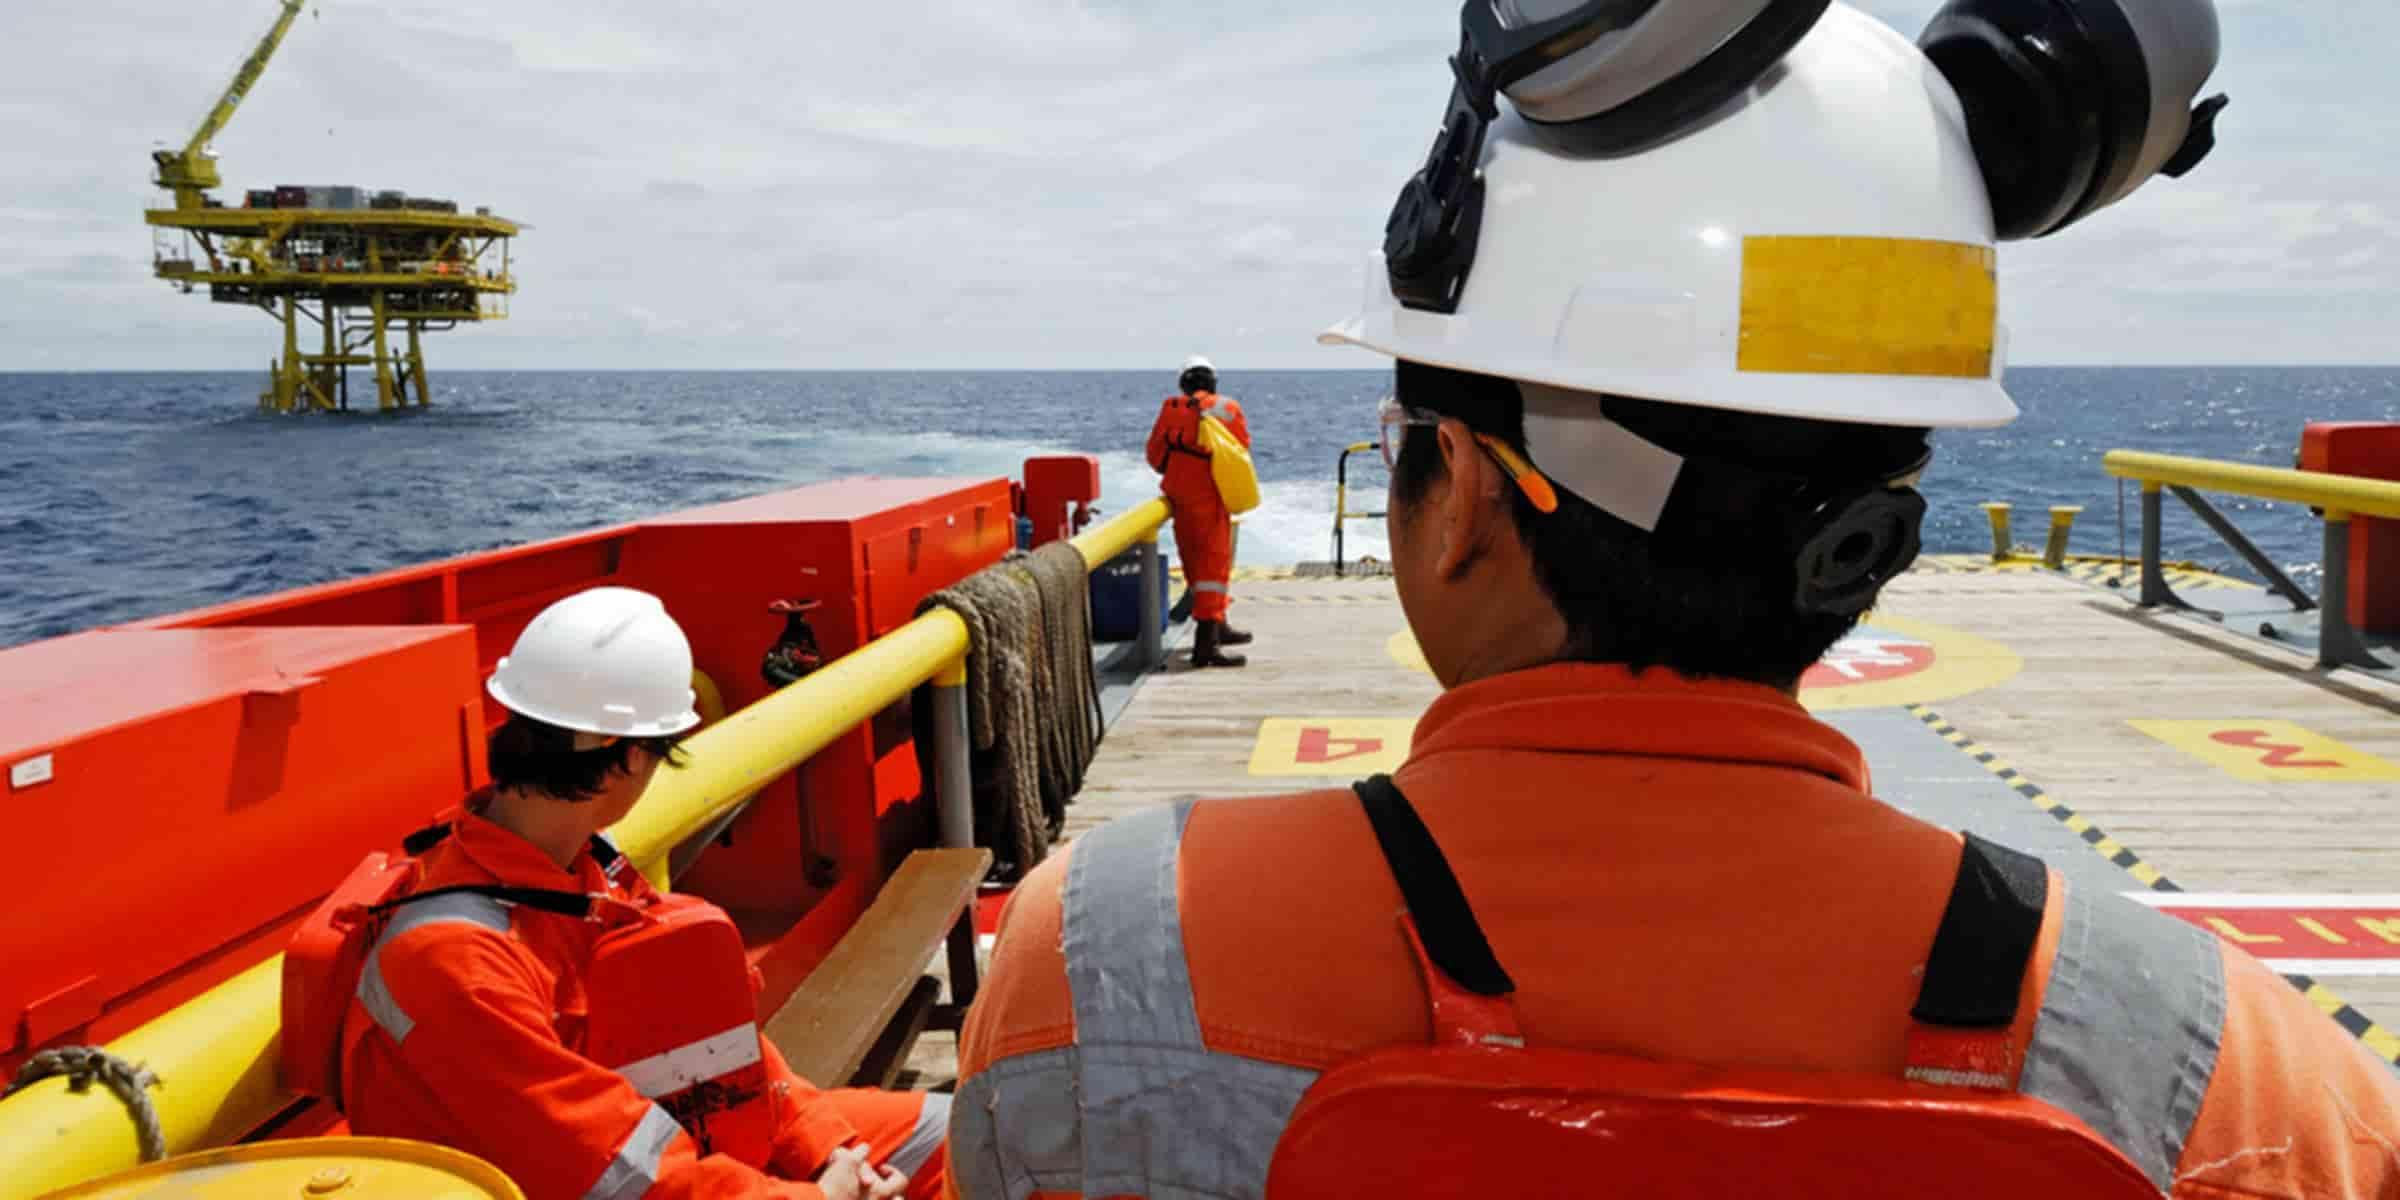 vagas de emprego, rina brasil, offshore, são paulo, engenheiro, ambiental, elétrico, segurança